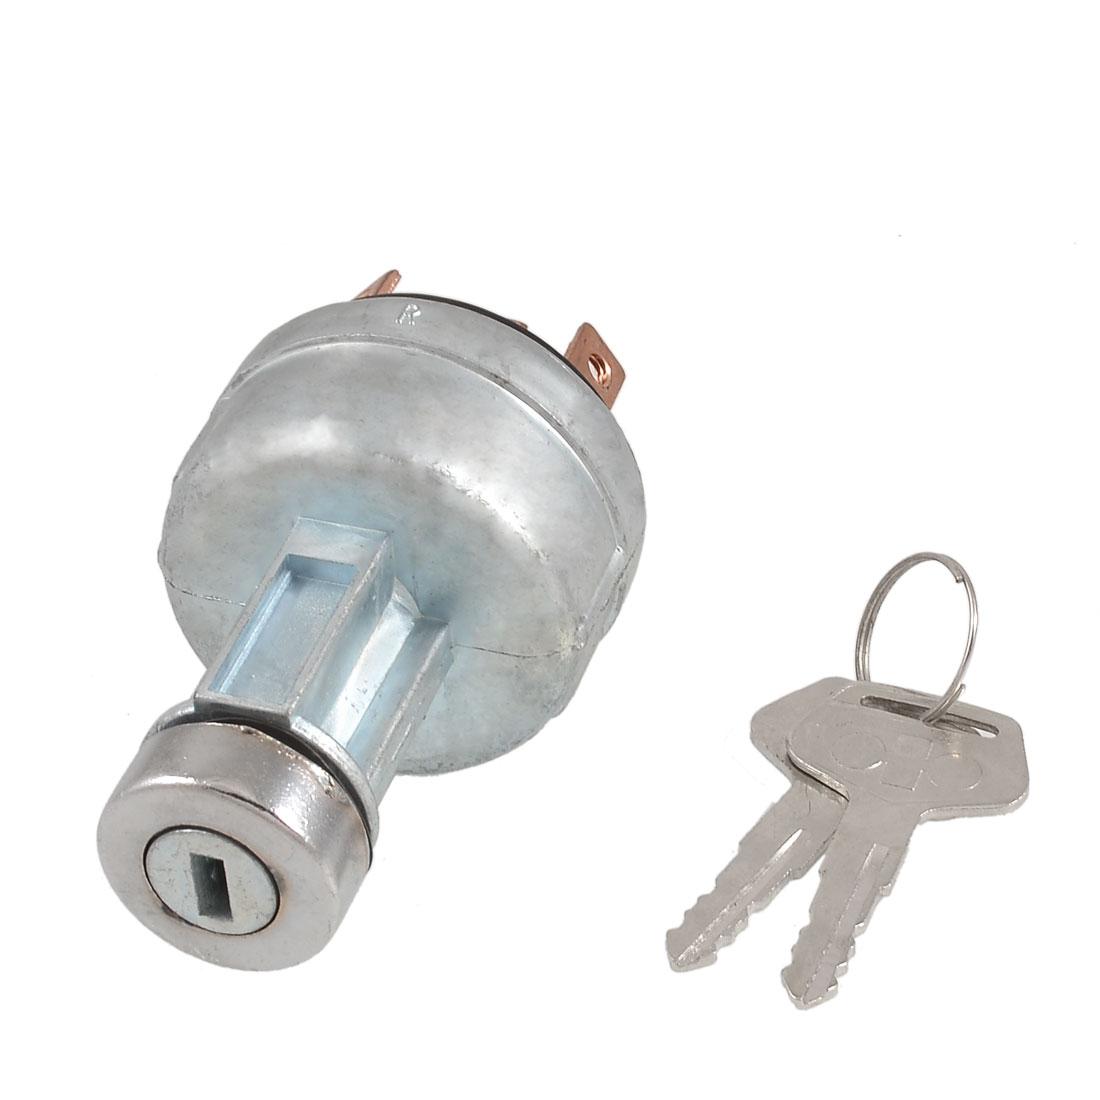 6-pin Terminal Metal Electric Door Lock w 2 Pcs Keys for Komatsu 200 Excavator